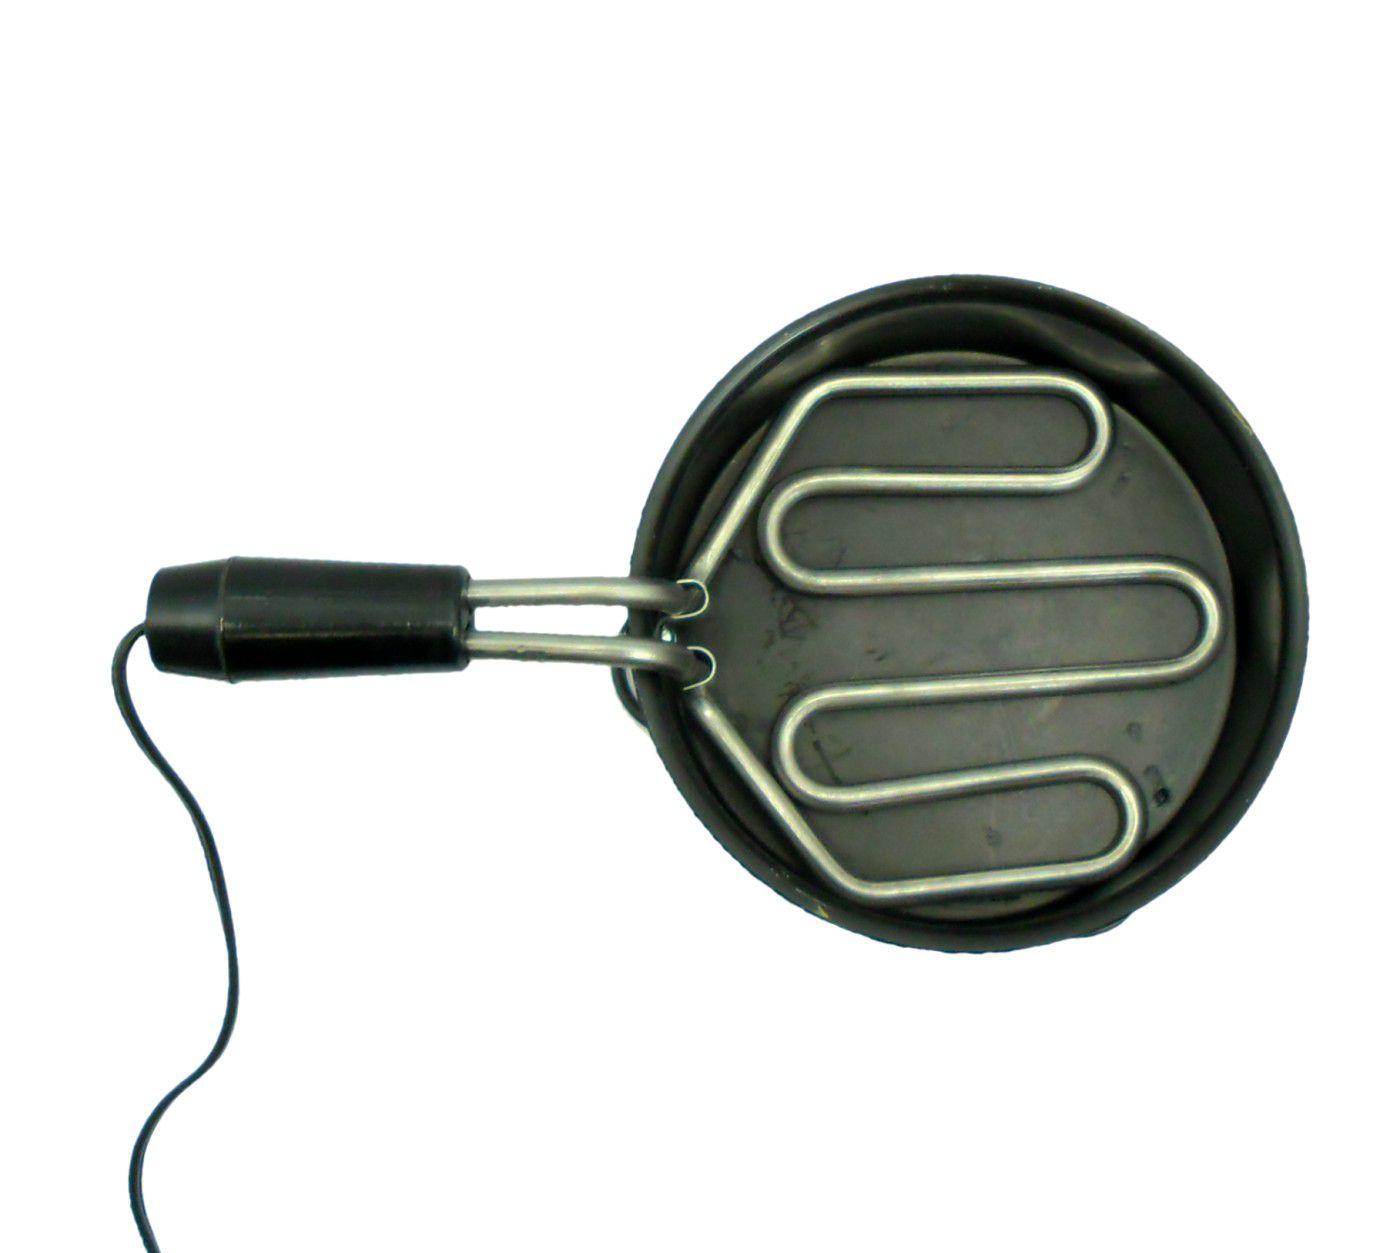 Fogareiro elétrico para acender carvão tipo panelinha GRANDE, resistência blindada 700W(127V ou 220V)